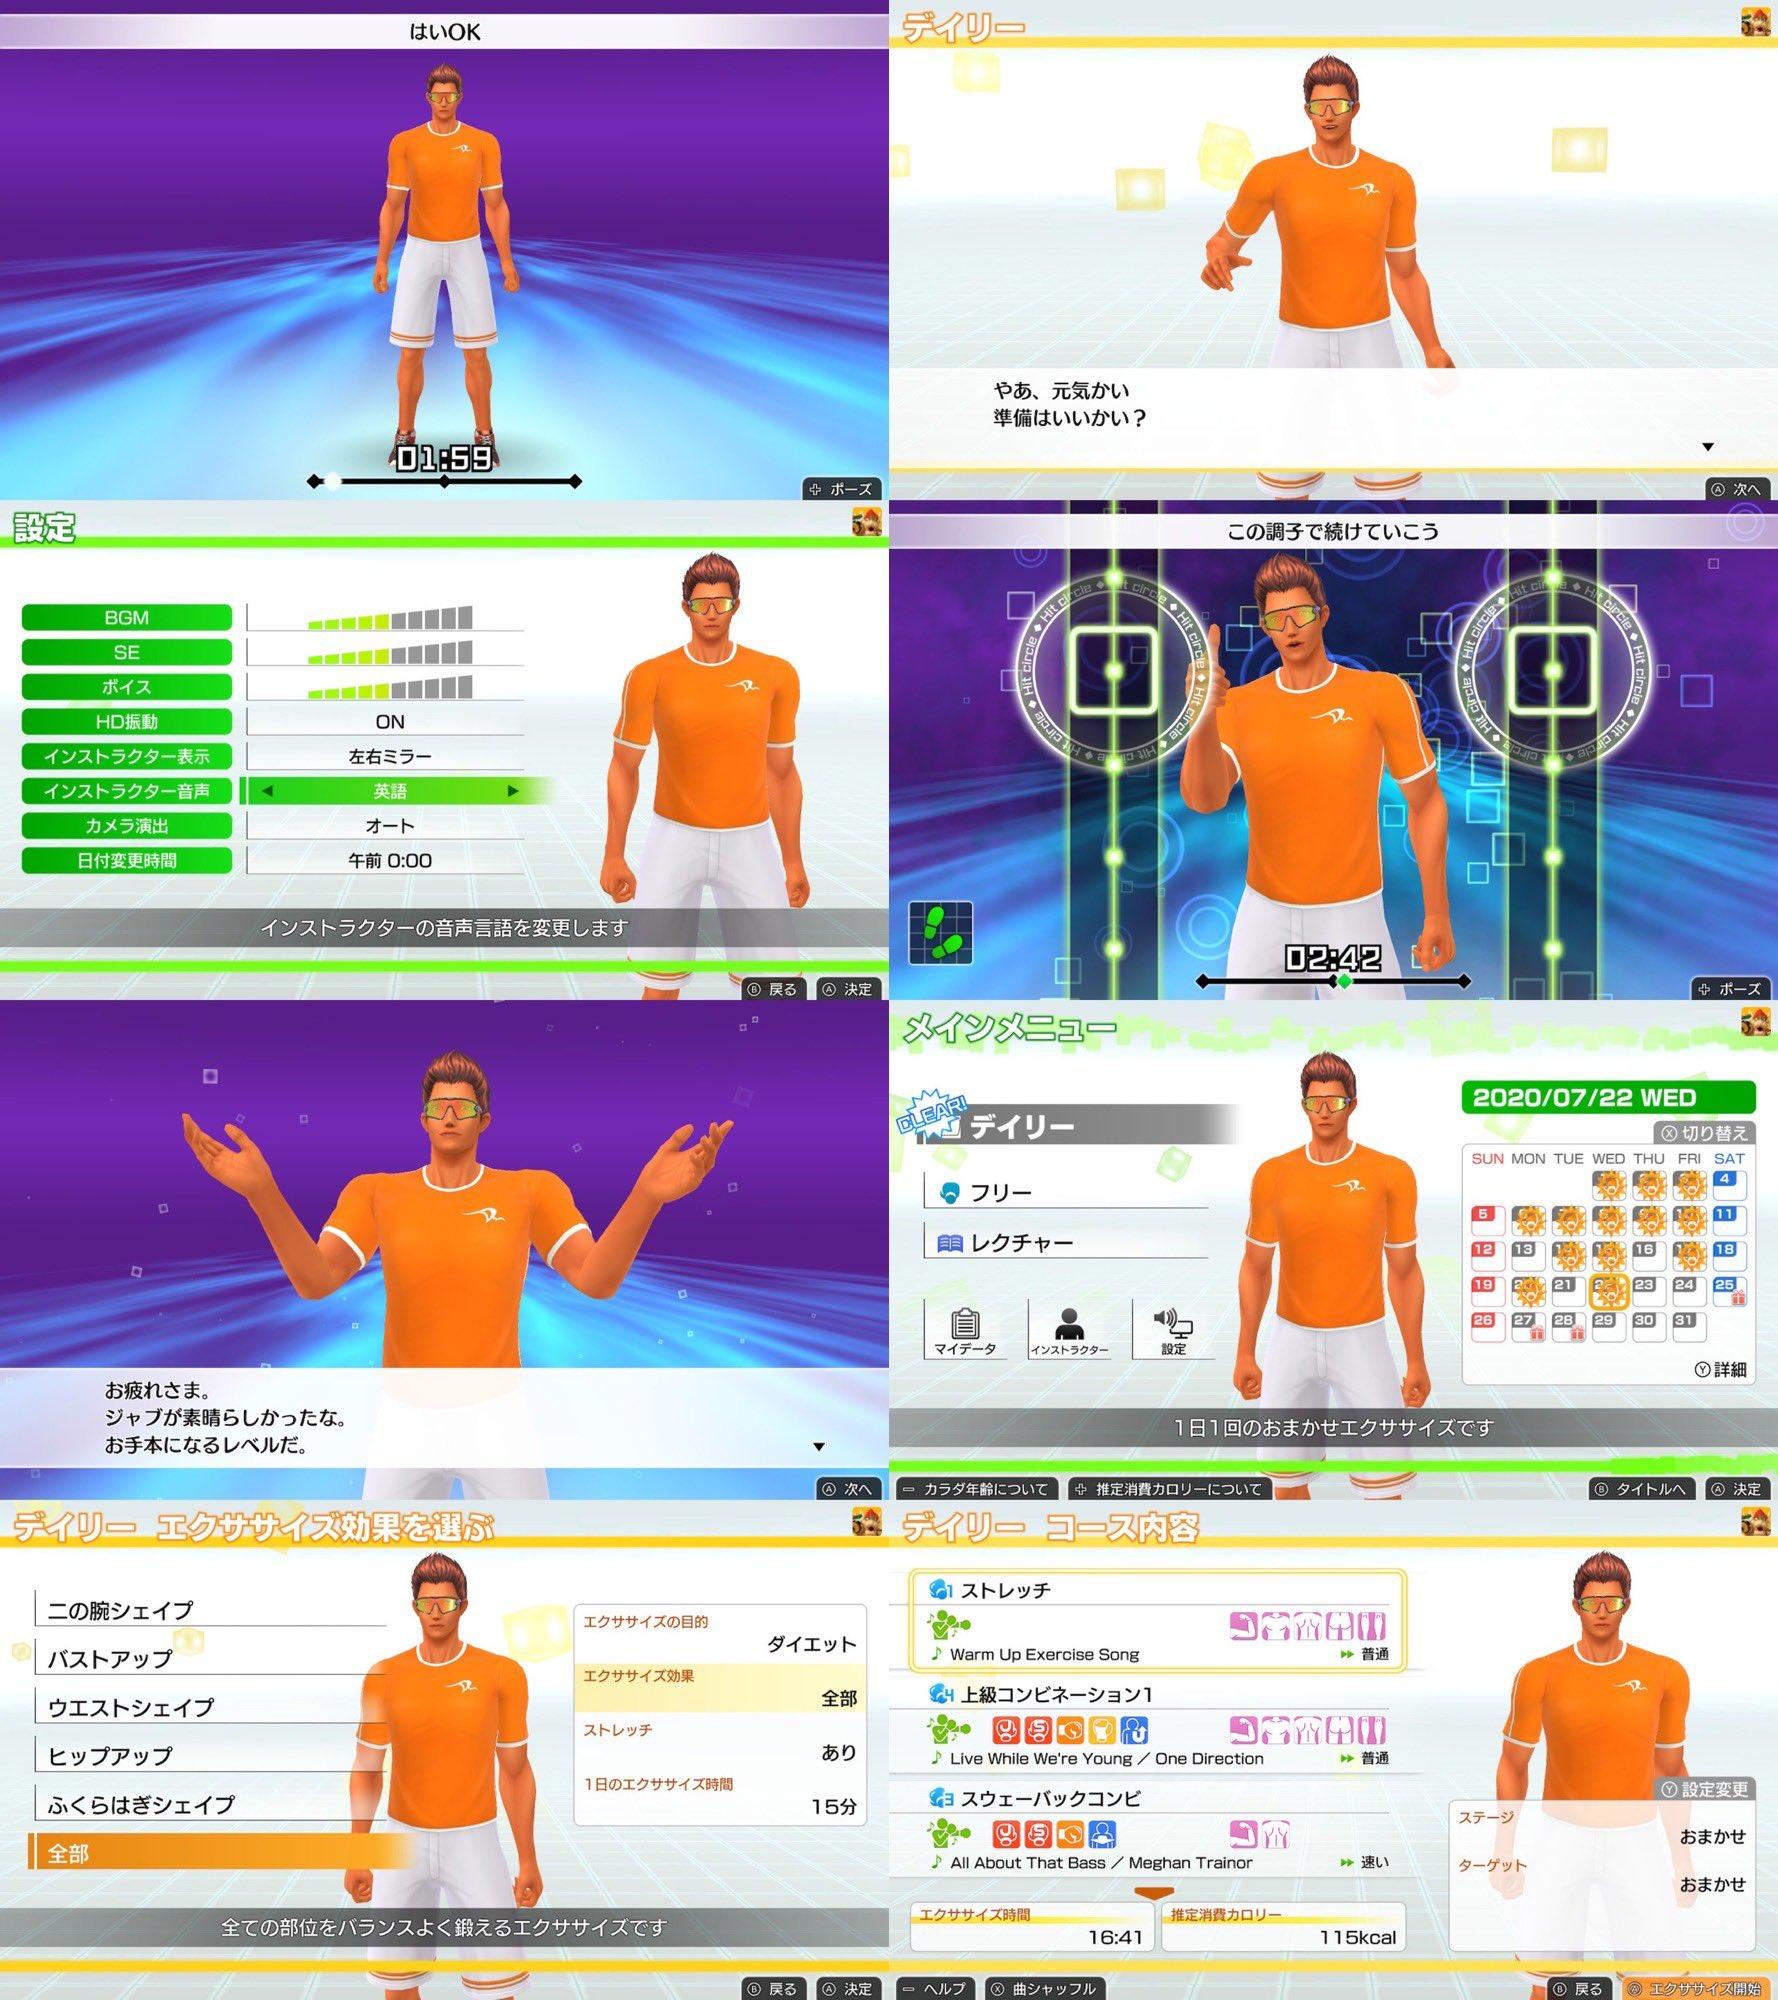 インストラクター音声を英語に設定できる(∩´∀`)∩🥊 日本語表示のまま ok that's good とか英語でしゃべってくれる。デイリーエクササイズ効果をウエストシェイプから全身に変更。ストレッチもありに変更した。 #fitboxing #フィットボクシング #NintendoSwitch https://t.co/DxtVSVORBe